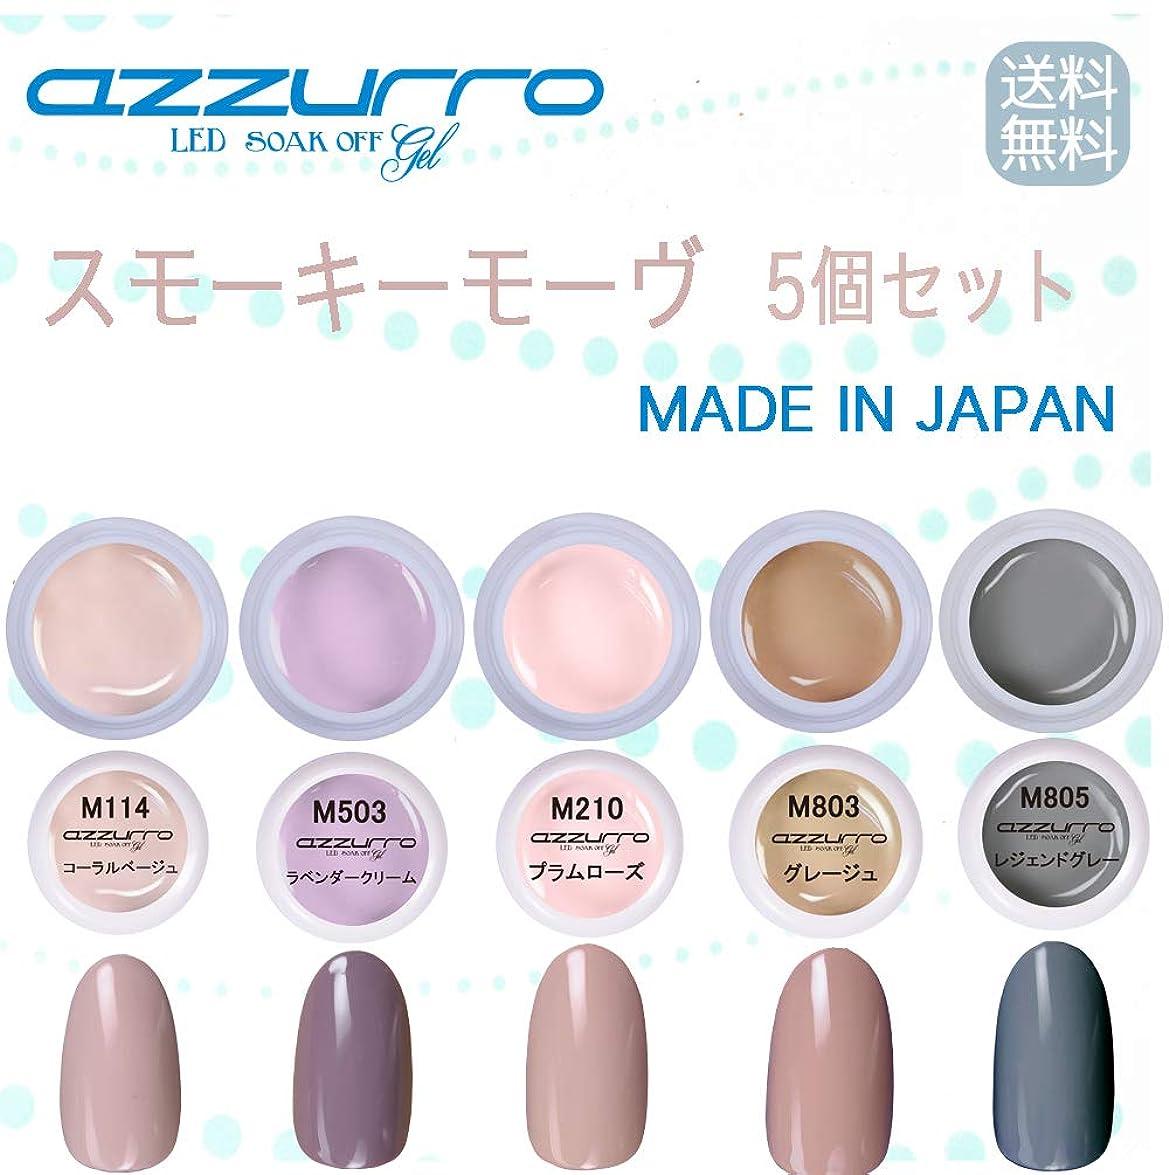 侵入レンジおばあさん【送料無料】日本製 azzurro gel スモーキーモーヴカラージェル5個セット 春色にもかかせないとスモーキーなモーヴカラー